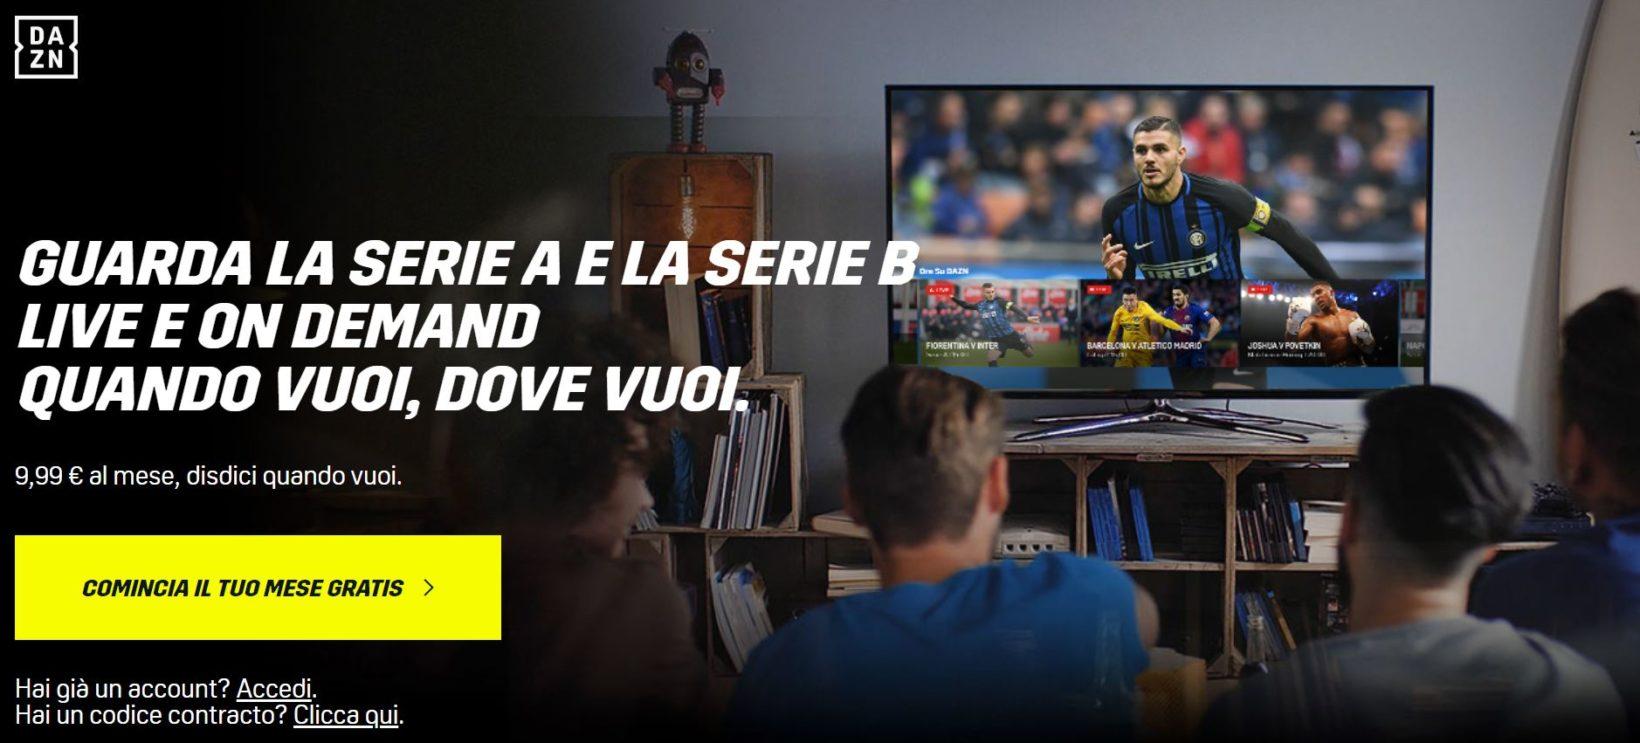 ae3a175c93 Come funziona DAZNe come vedere tutto il calcio in TV Dopo aver cliccato sul  banner per iniziare il mese gratis apparirà una ...